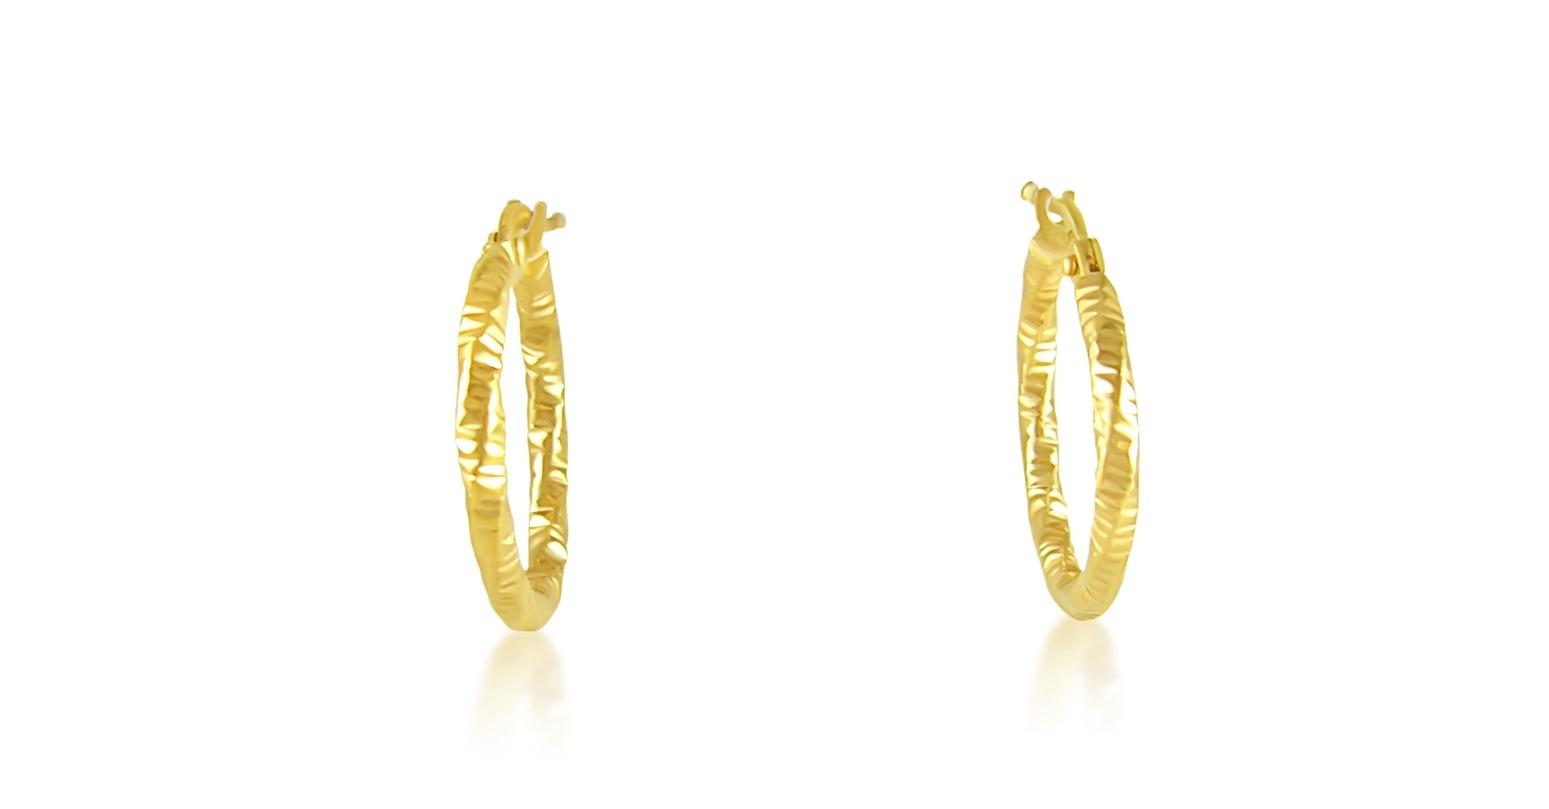 18 karat yellow gold hoops earrings